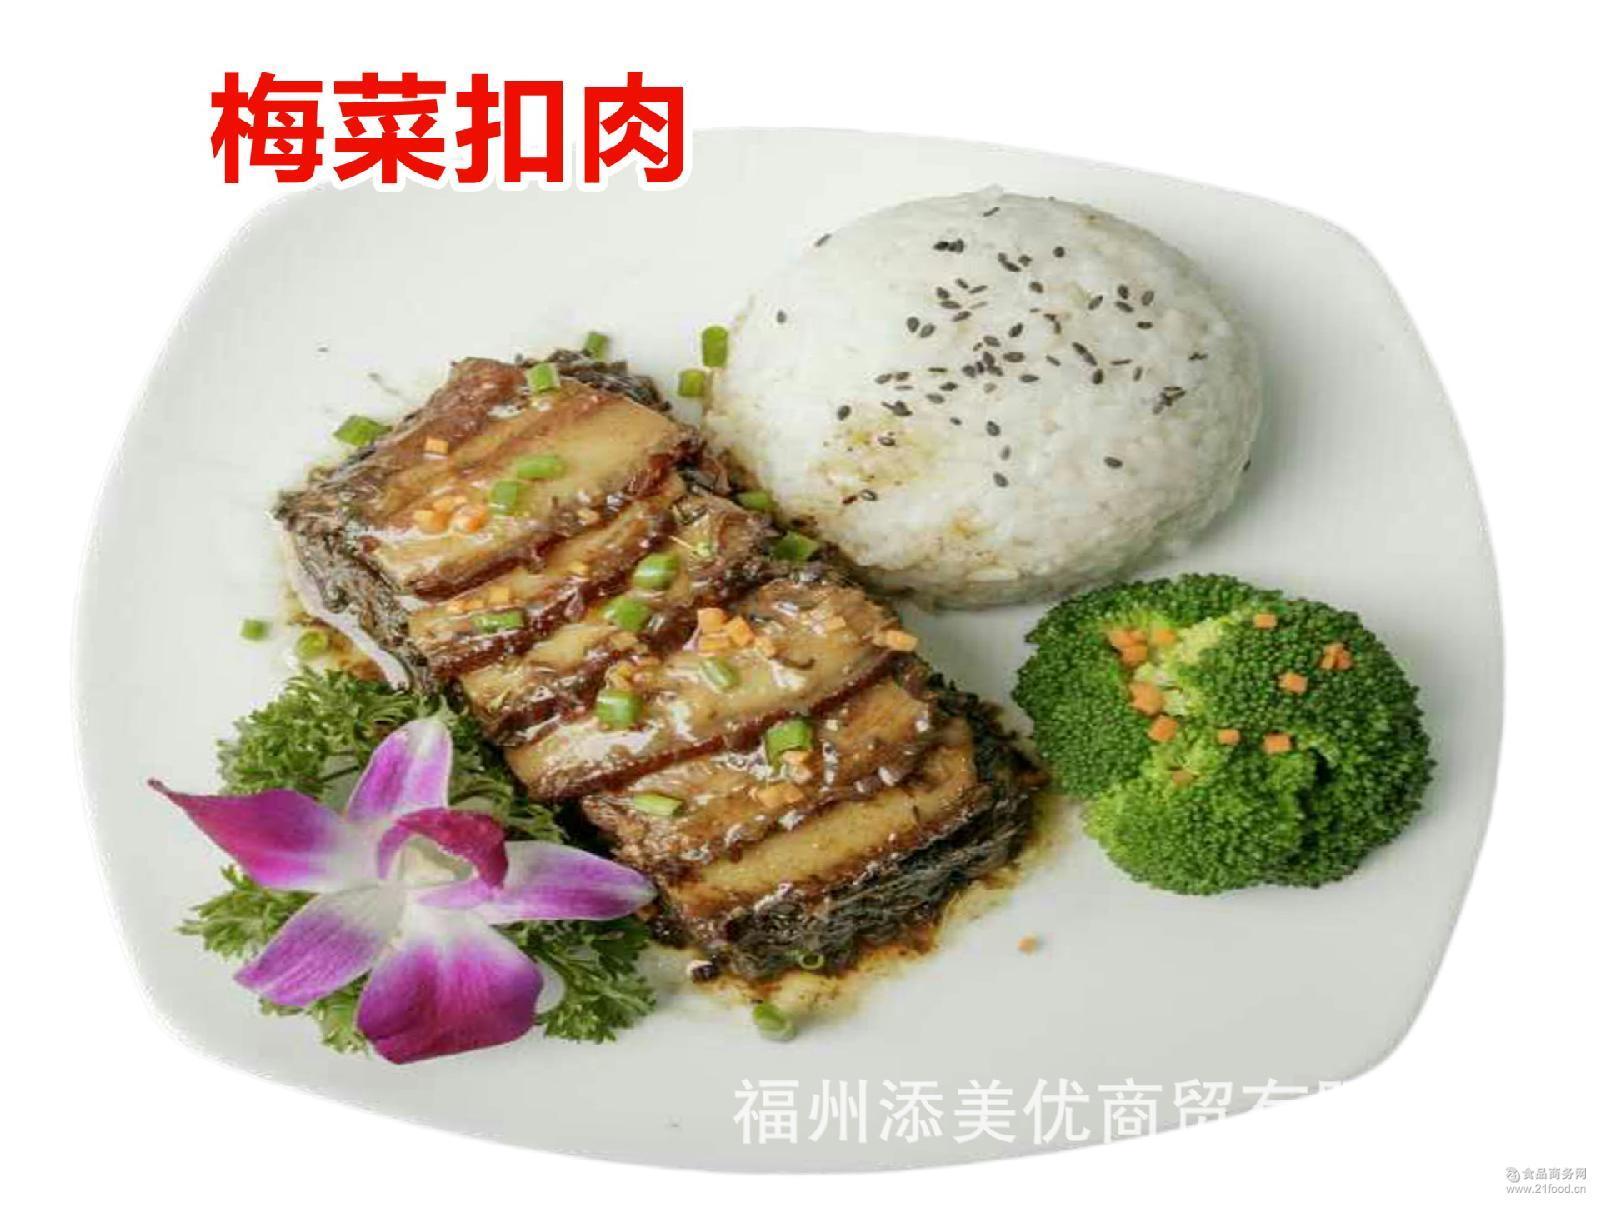 银祥冷冻中式快餐料理包即食方便饭蒸烩煮简餐调理包梅菜扣肉